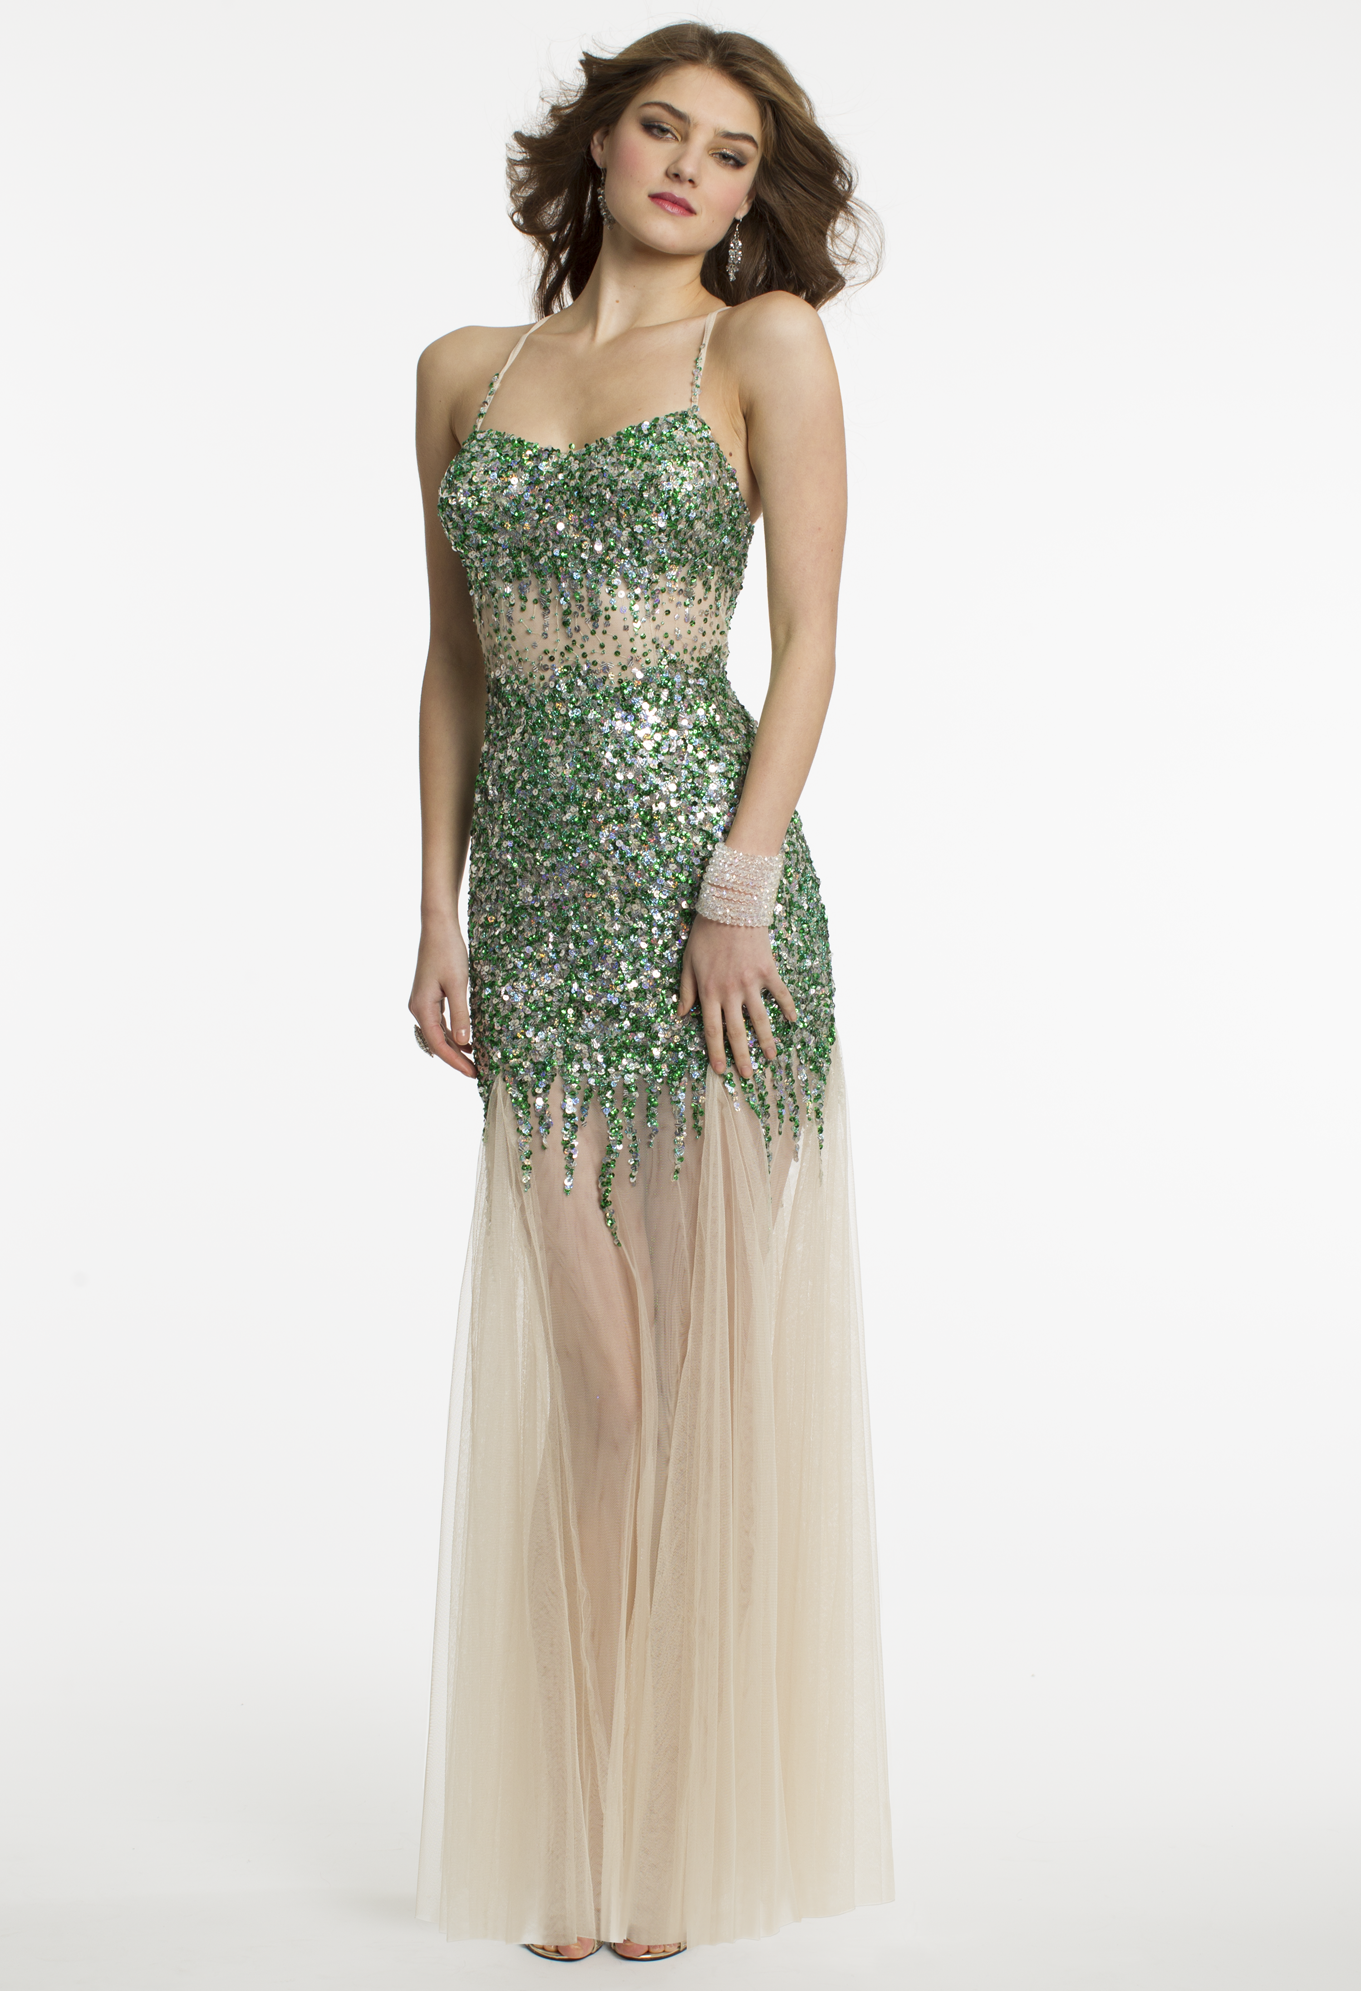 Illusion Sequin Prom Dress by Camille La Vie